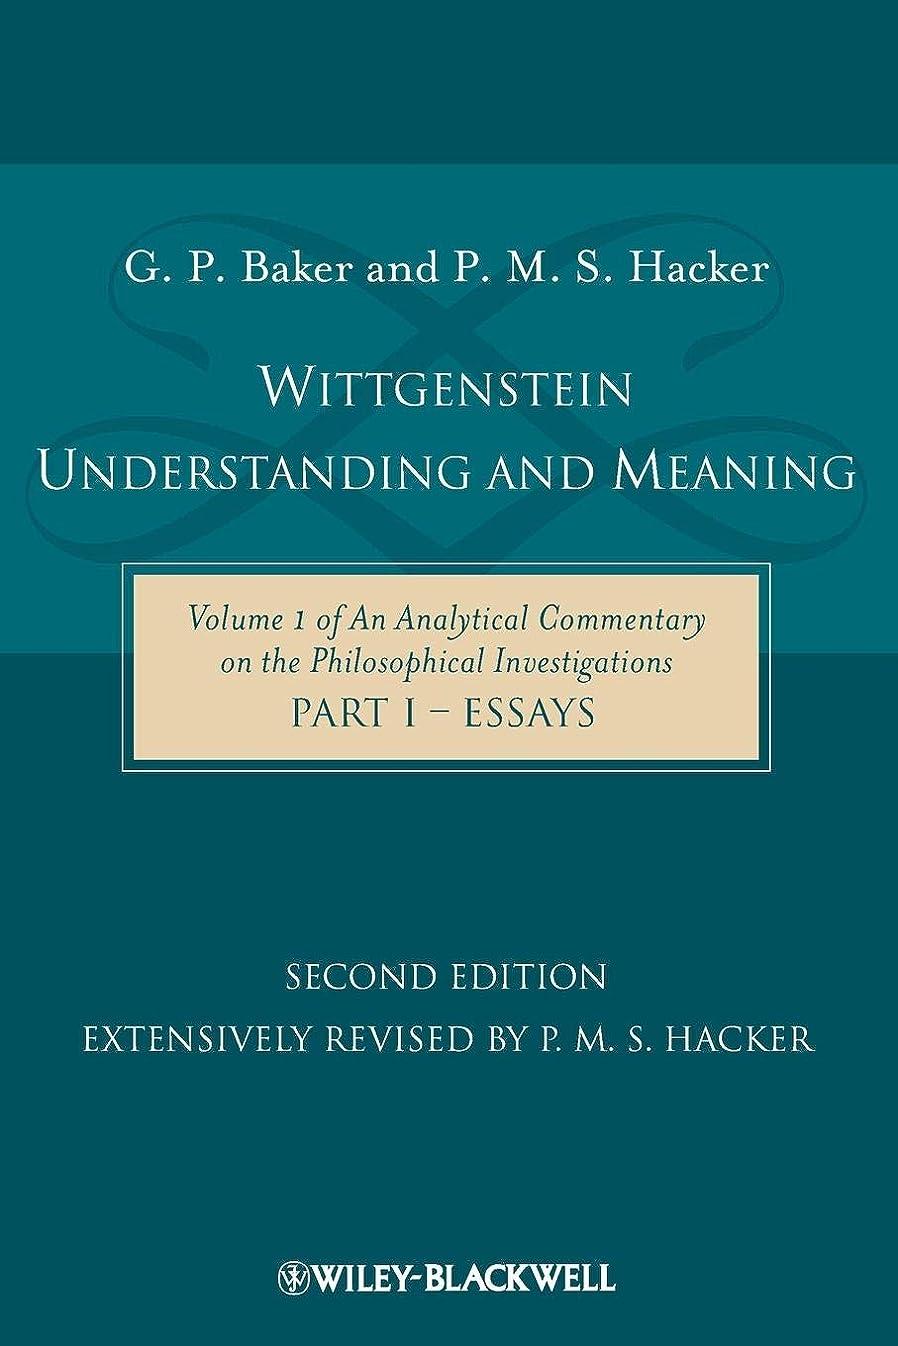 報復する配管ねばねばWittgenstein: Understanding and Meaning: Volume 1 of an Analytical Commentary on the Philosophical Investigations, Part I: Essays (Analytical Commentary on the Philosophical Investigations Vol. 1)